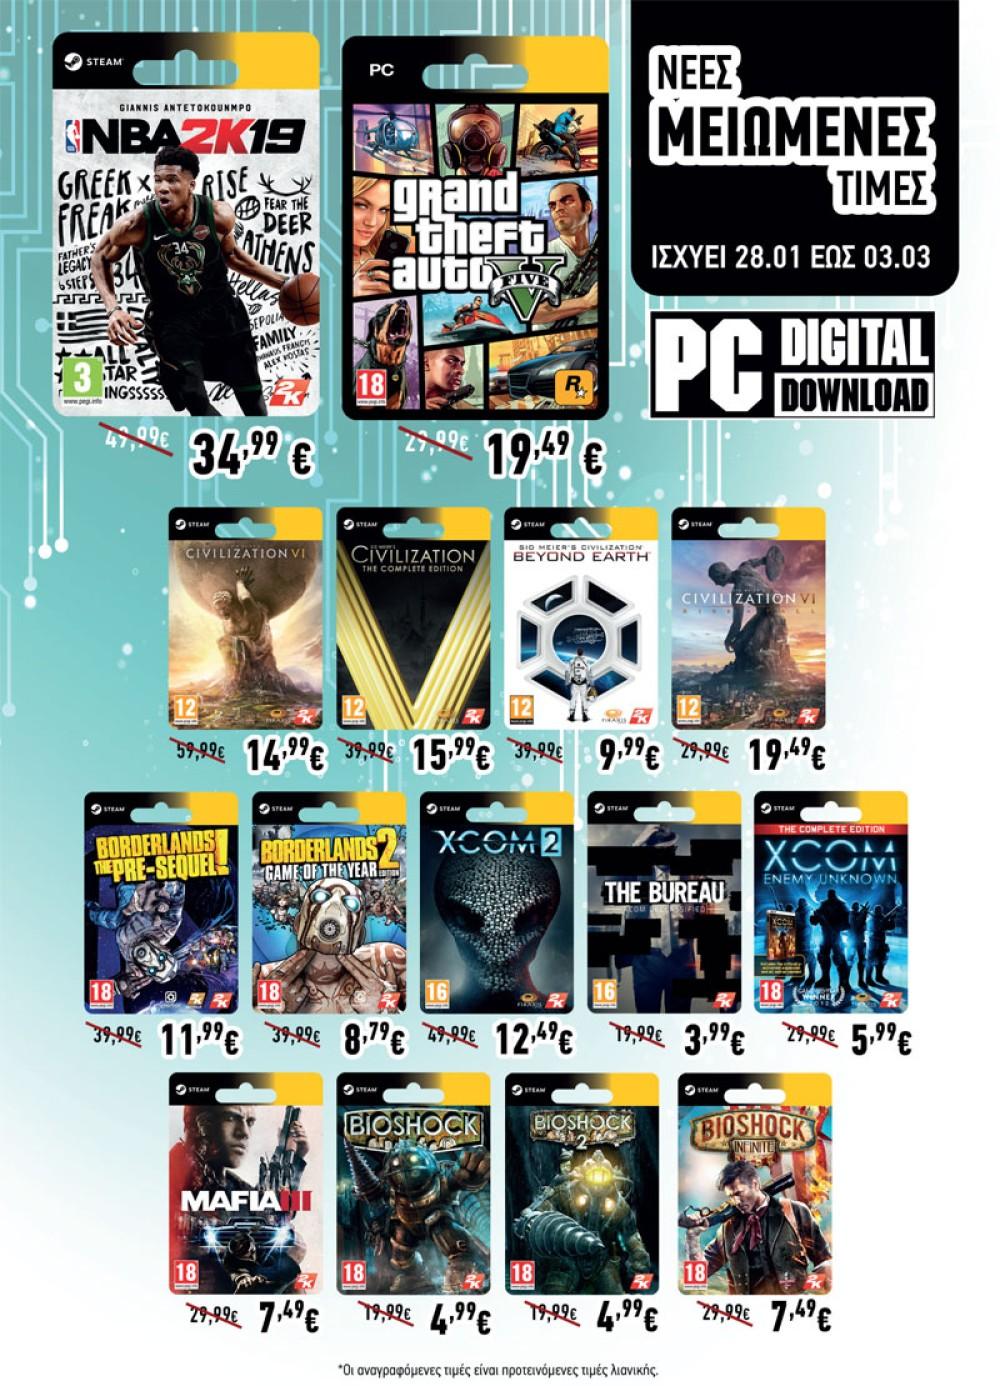 Μεγάλες εκπτώσεις σε δημοφιλείς τίτλους της Take 2 μέχρι τις 3 Μαρτίου